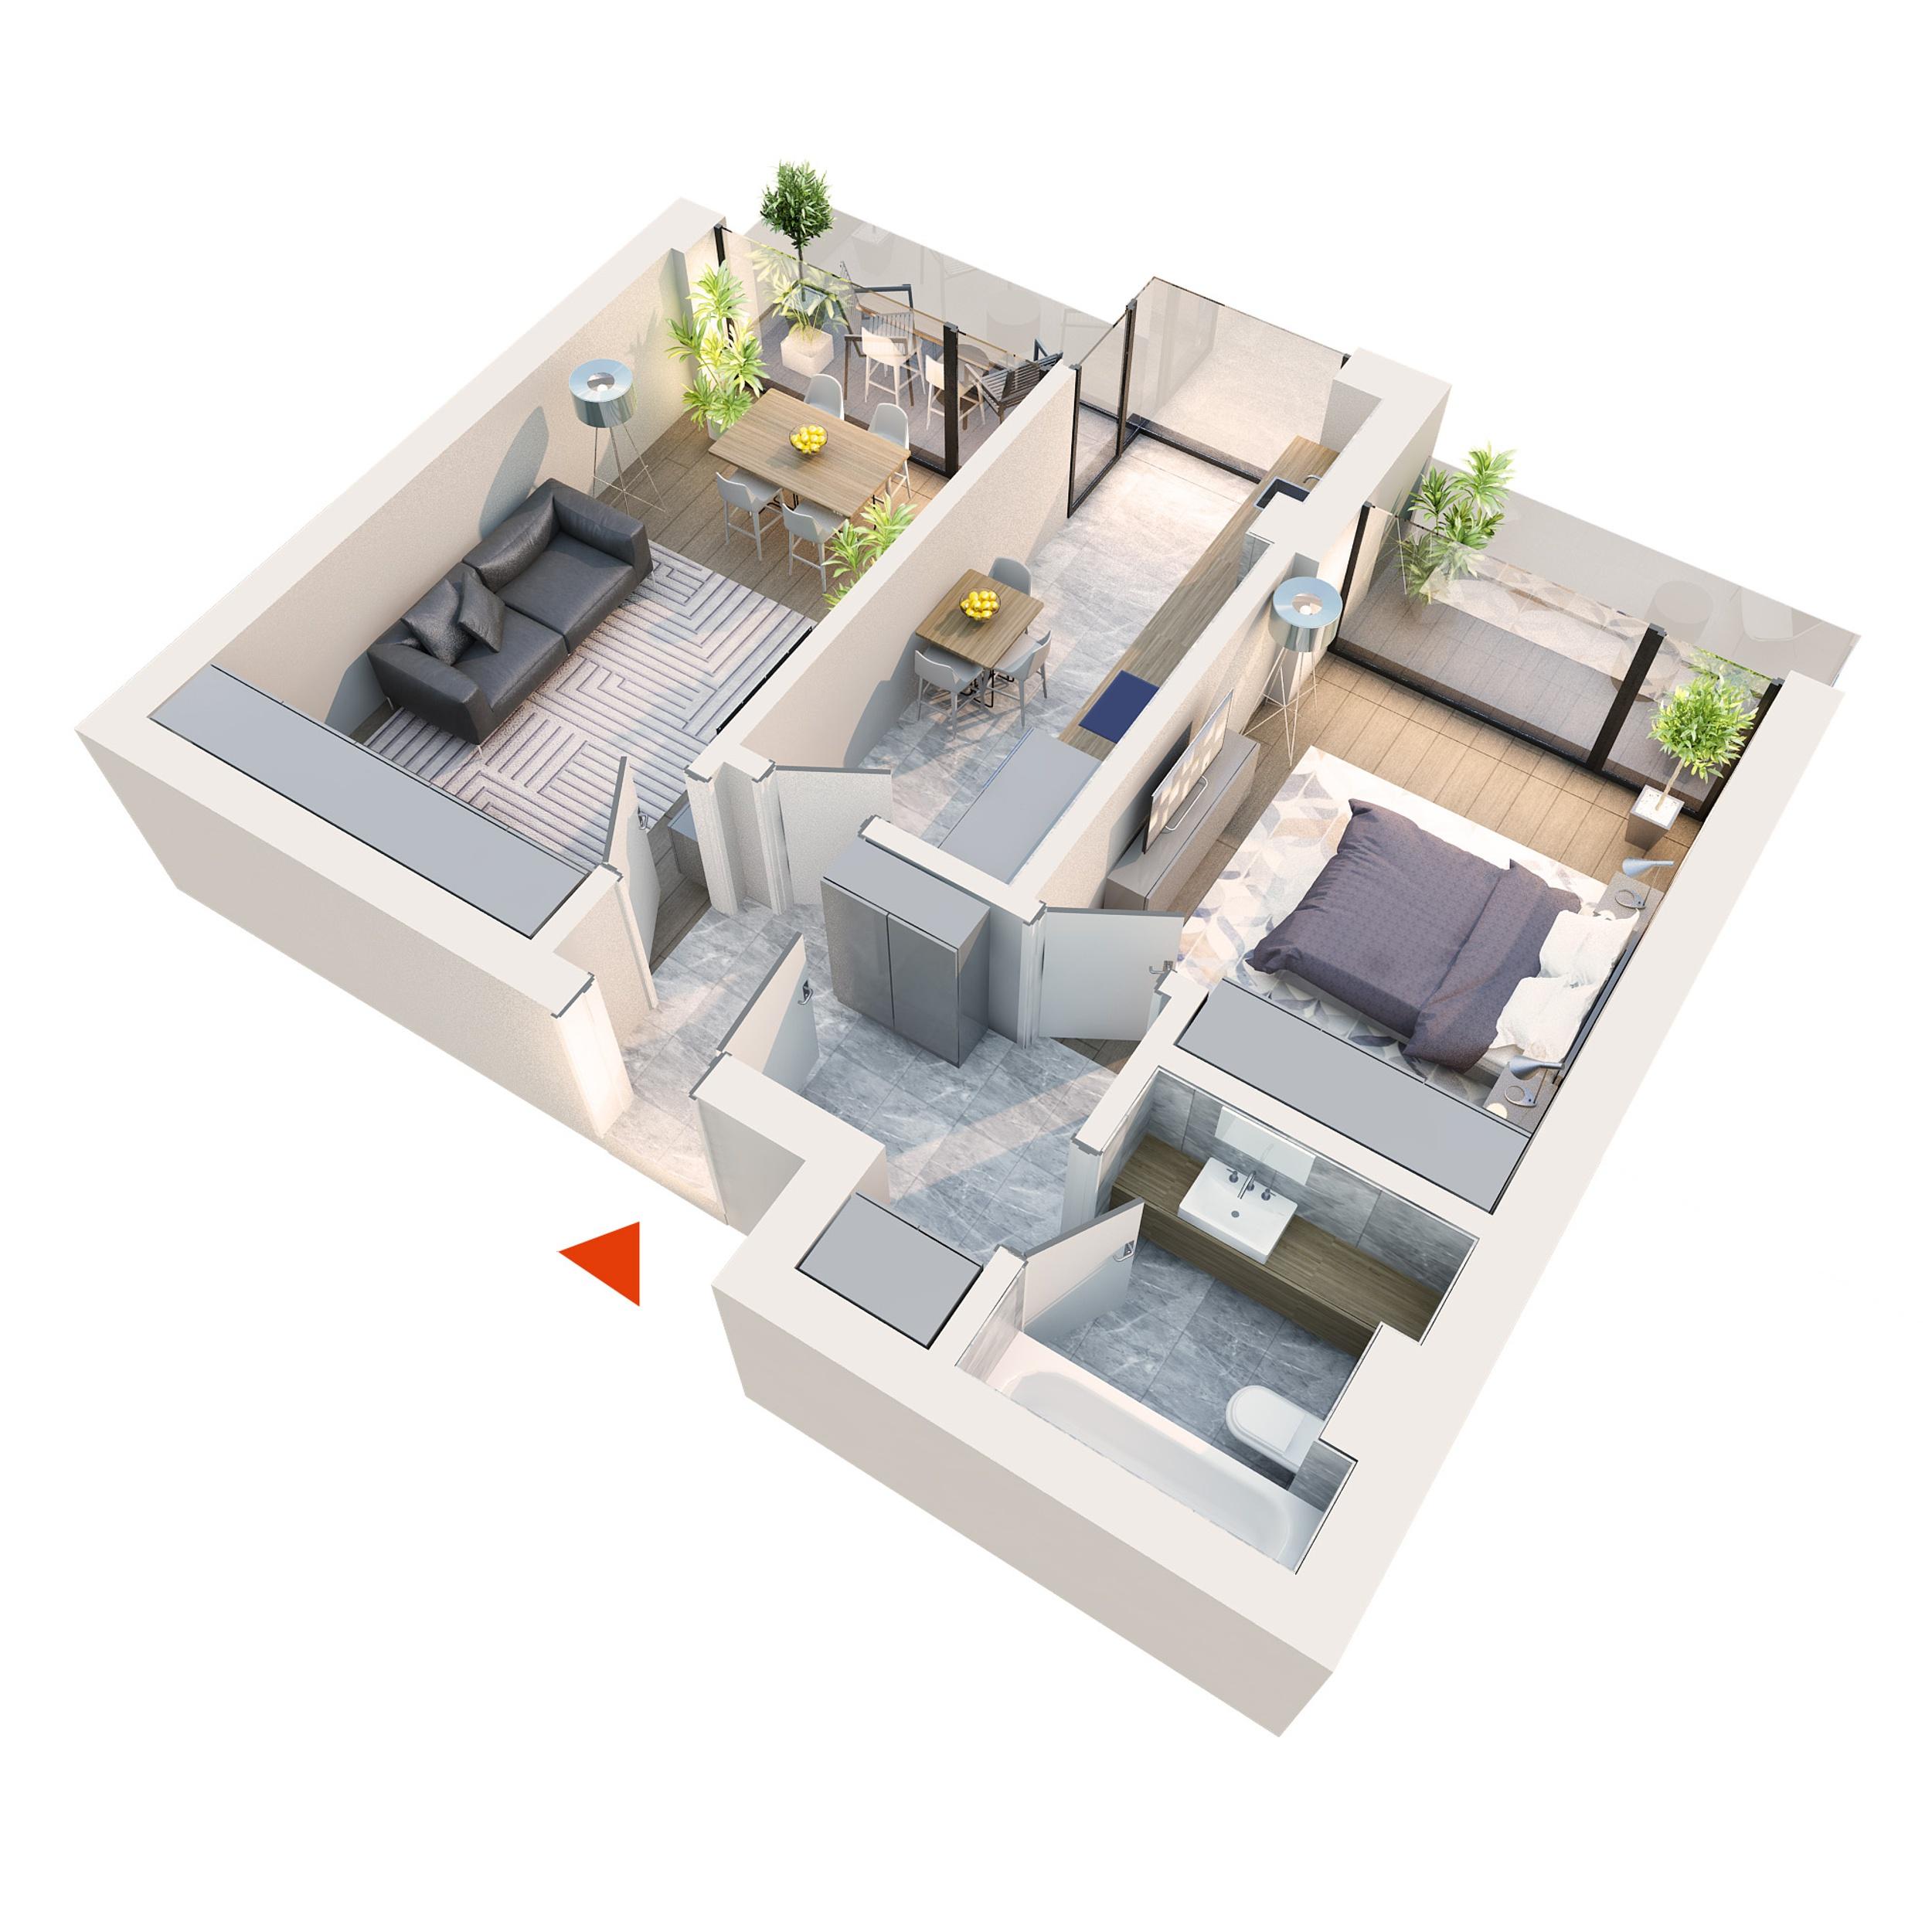 Apartament 2 camere tip 2B6 | 2 Logii | Etaj 1-3 | Corp C1, C2, C5, C6 | Faza 2